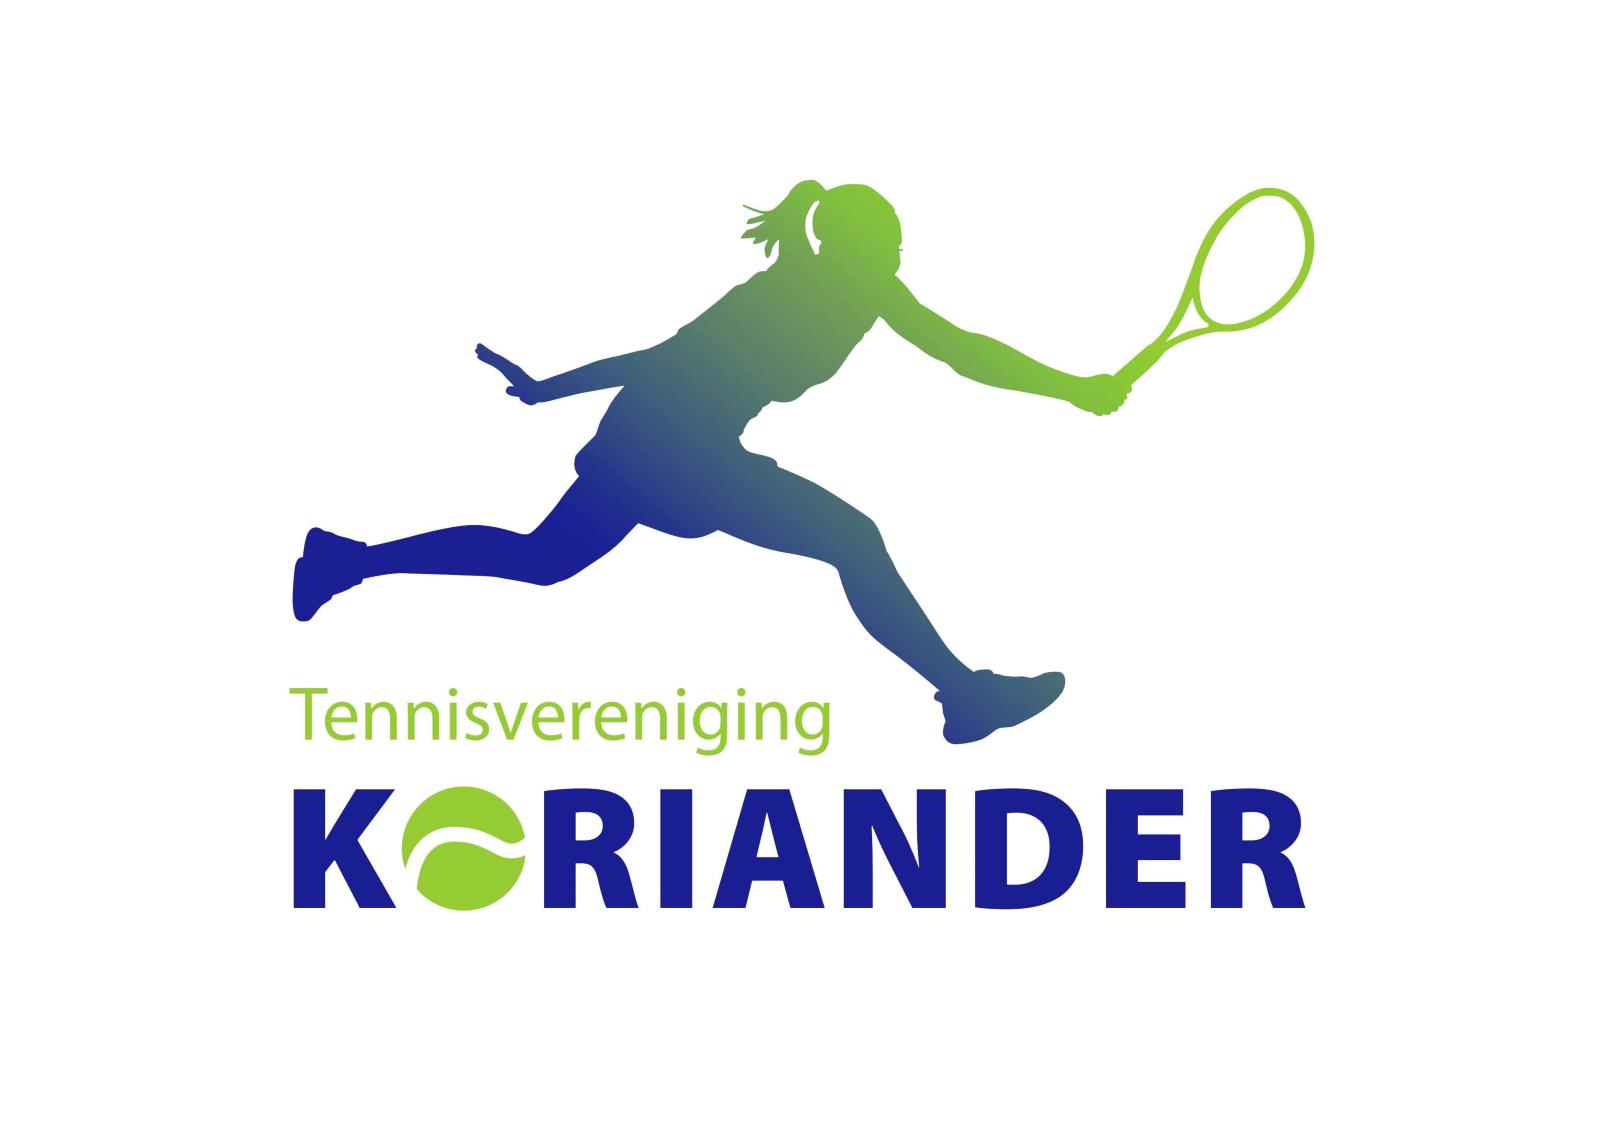 T.V. Koriander